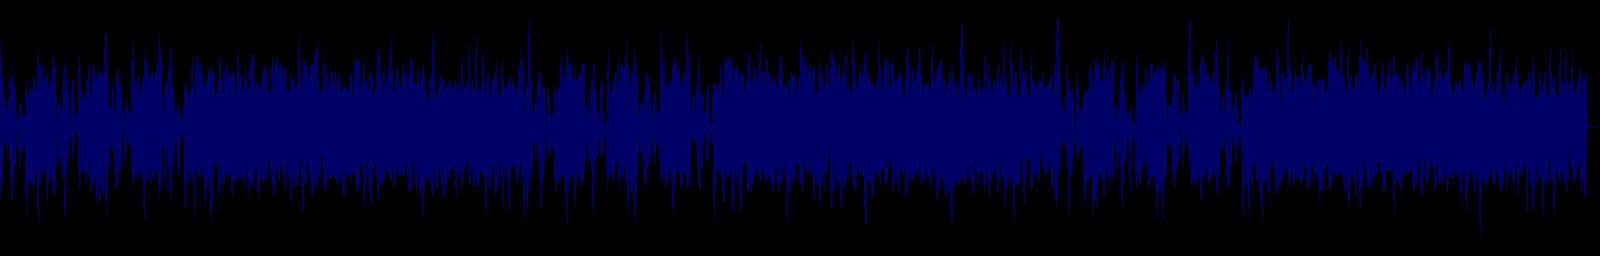 waveform of track #145605